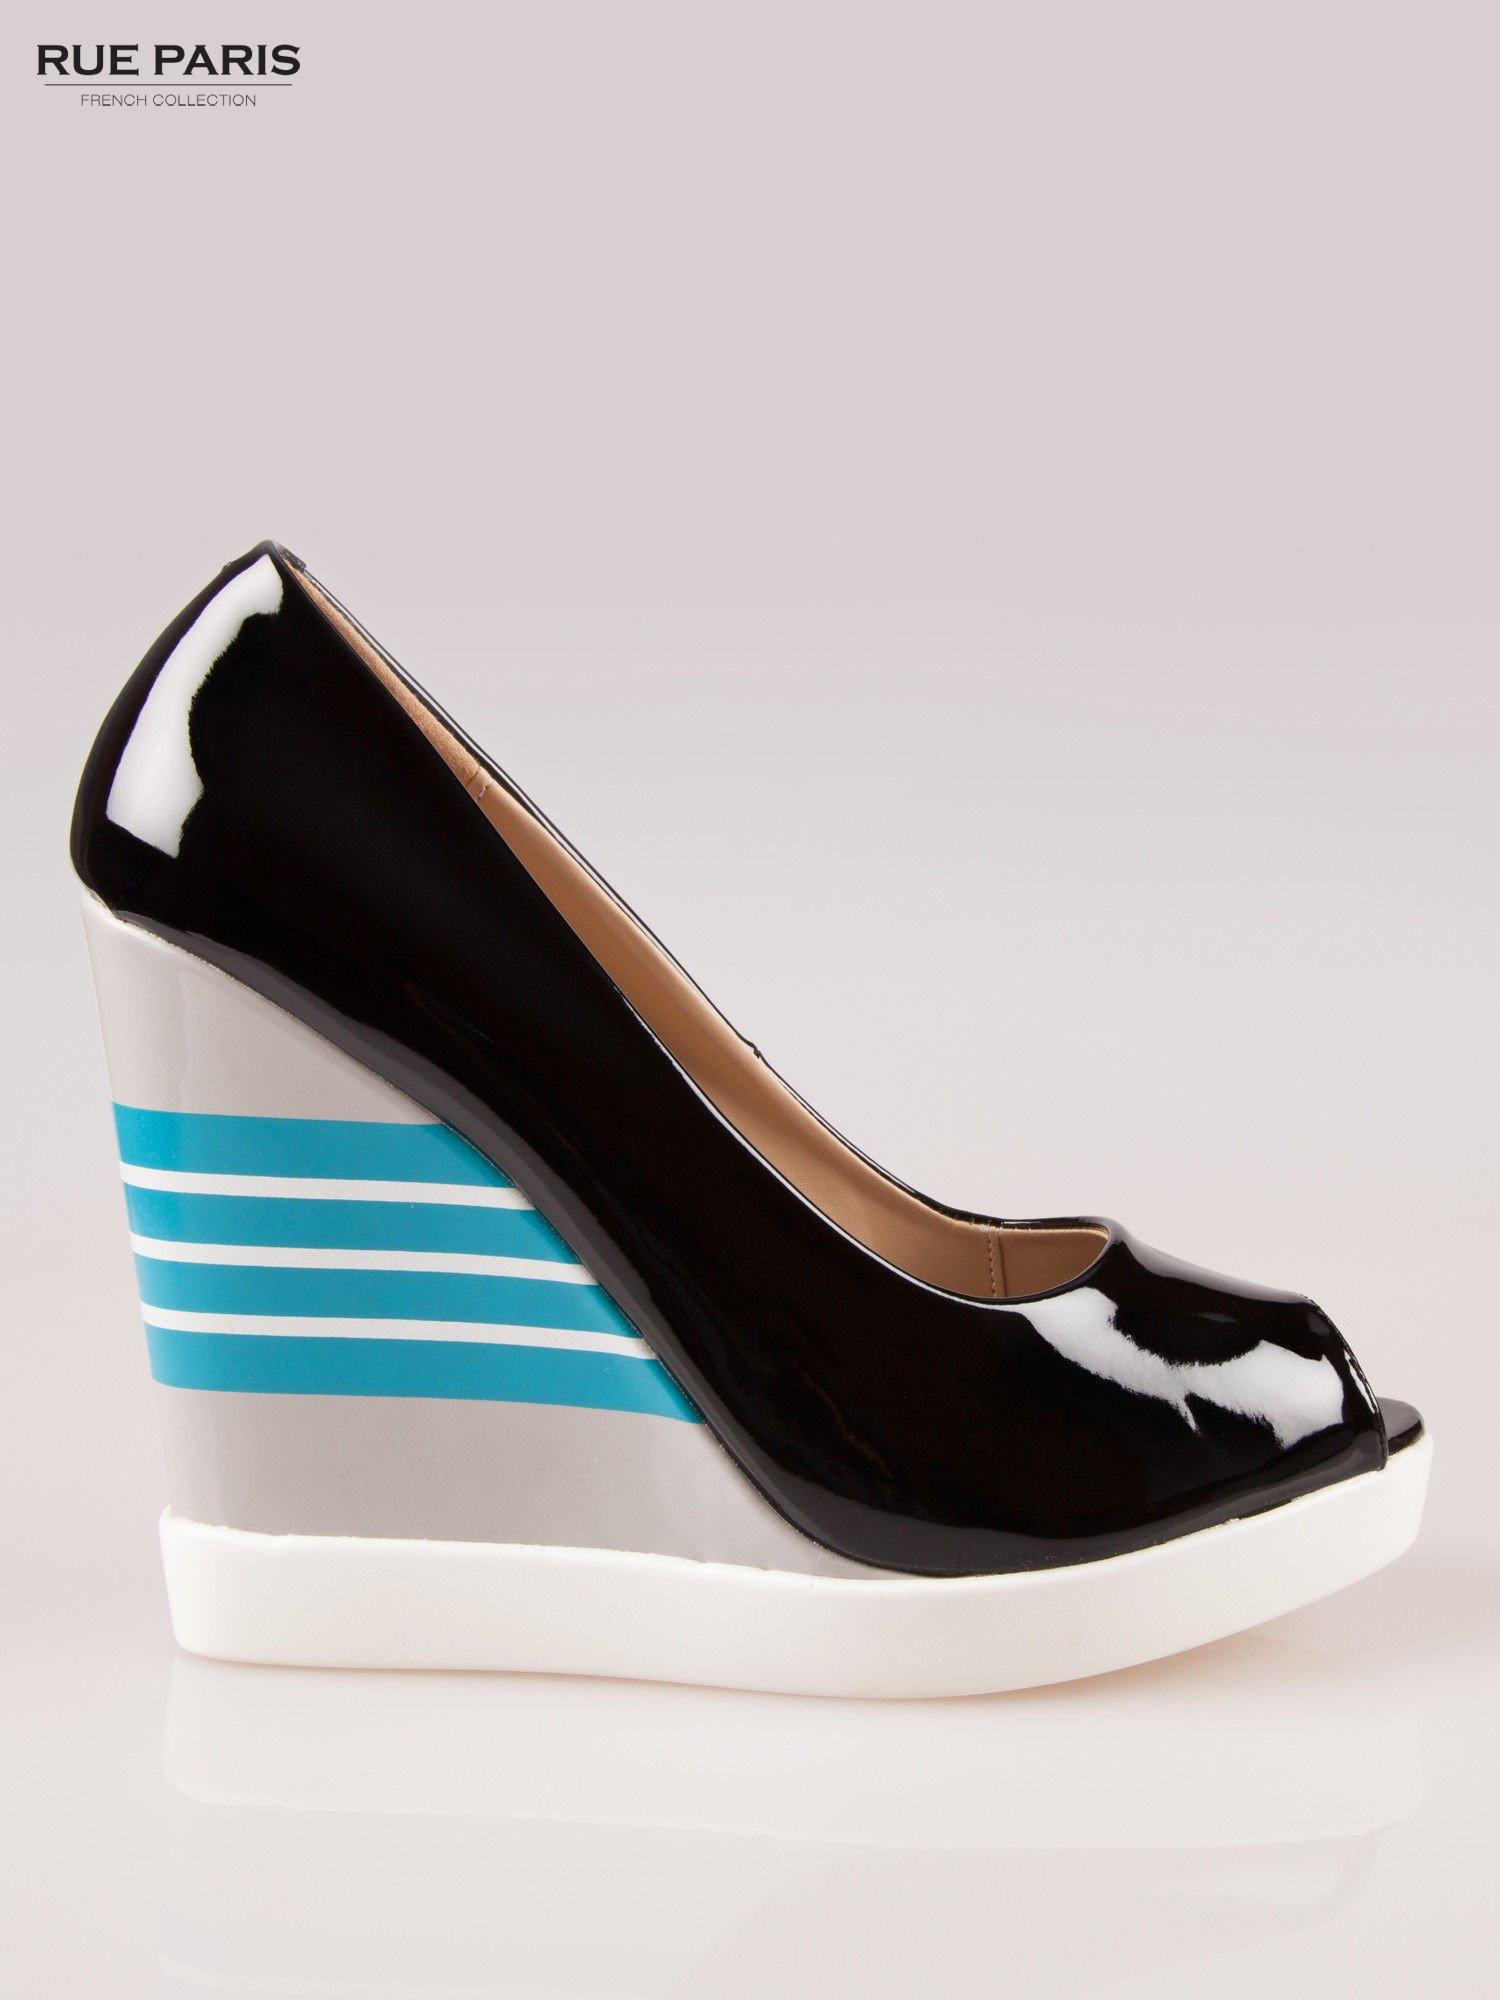 bb861cb44cee7 Czarne lakierowane buty peep toe na wzorzystym koturnie - Buty ...